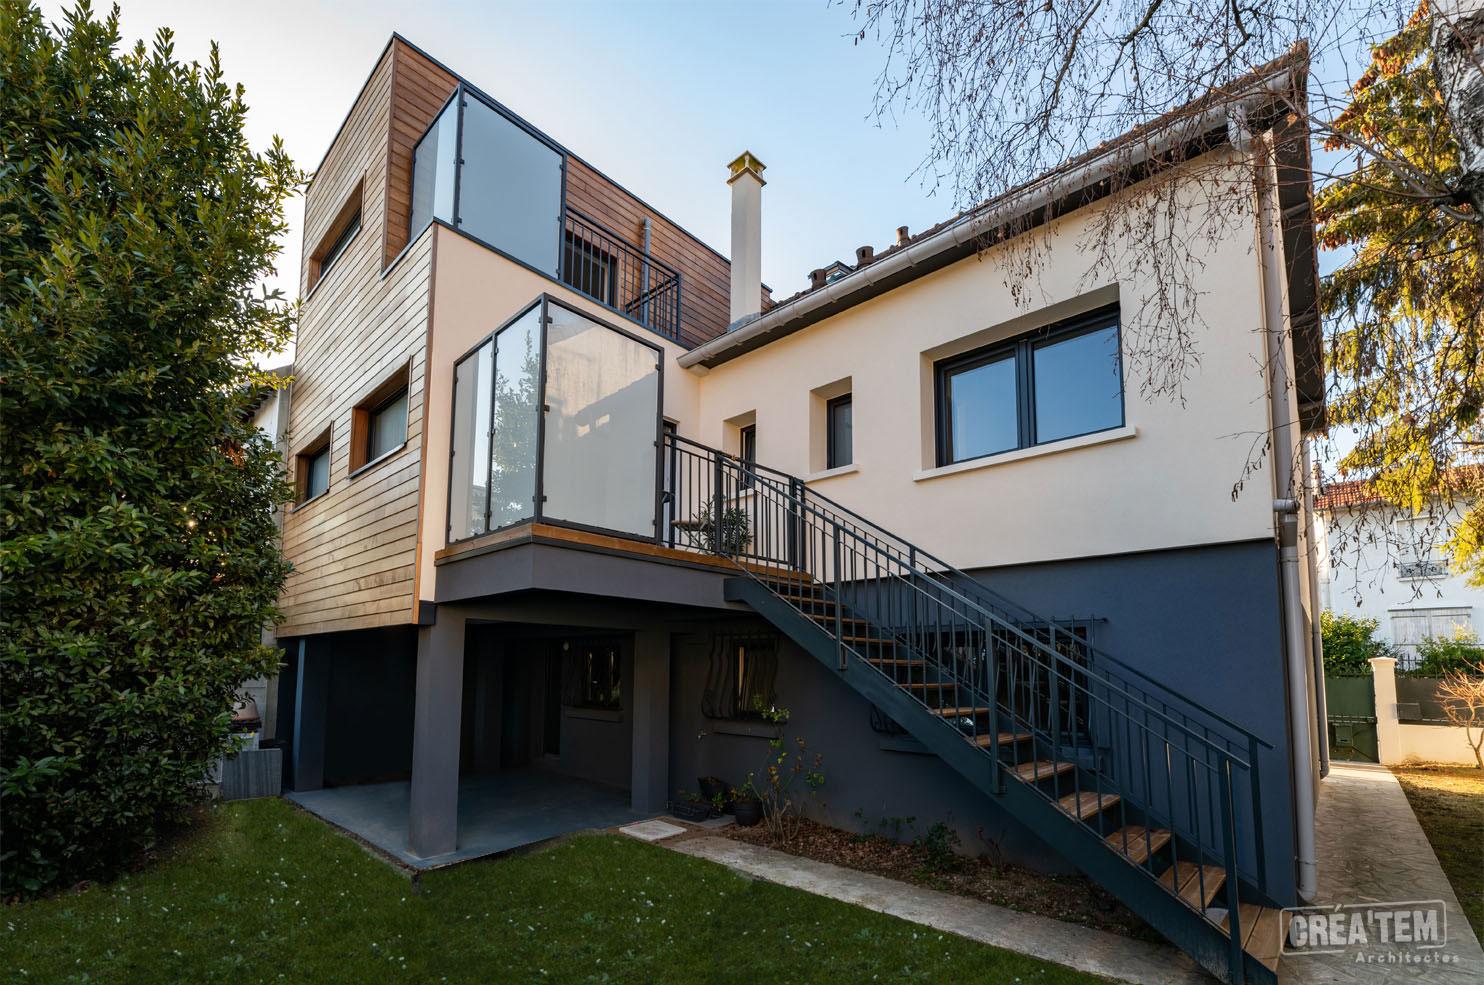 Extension et restructuration d'une maison à Bry-sur-Marne